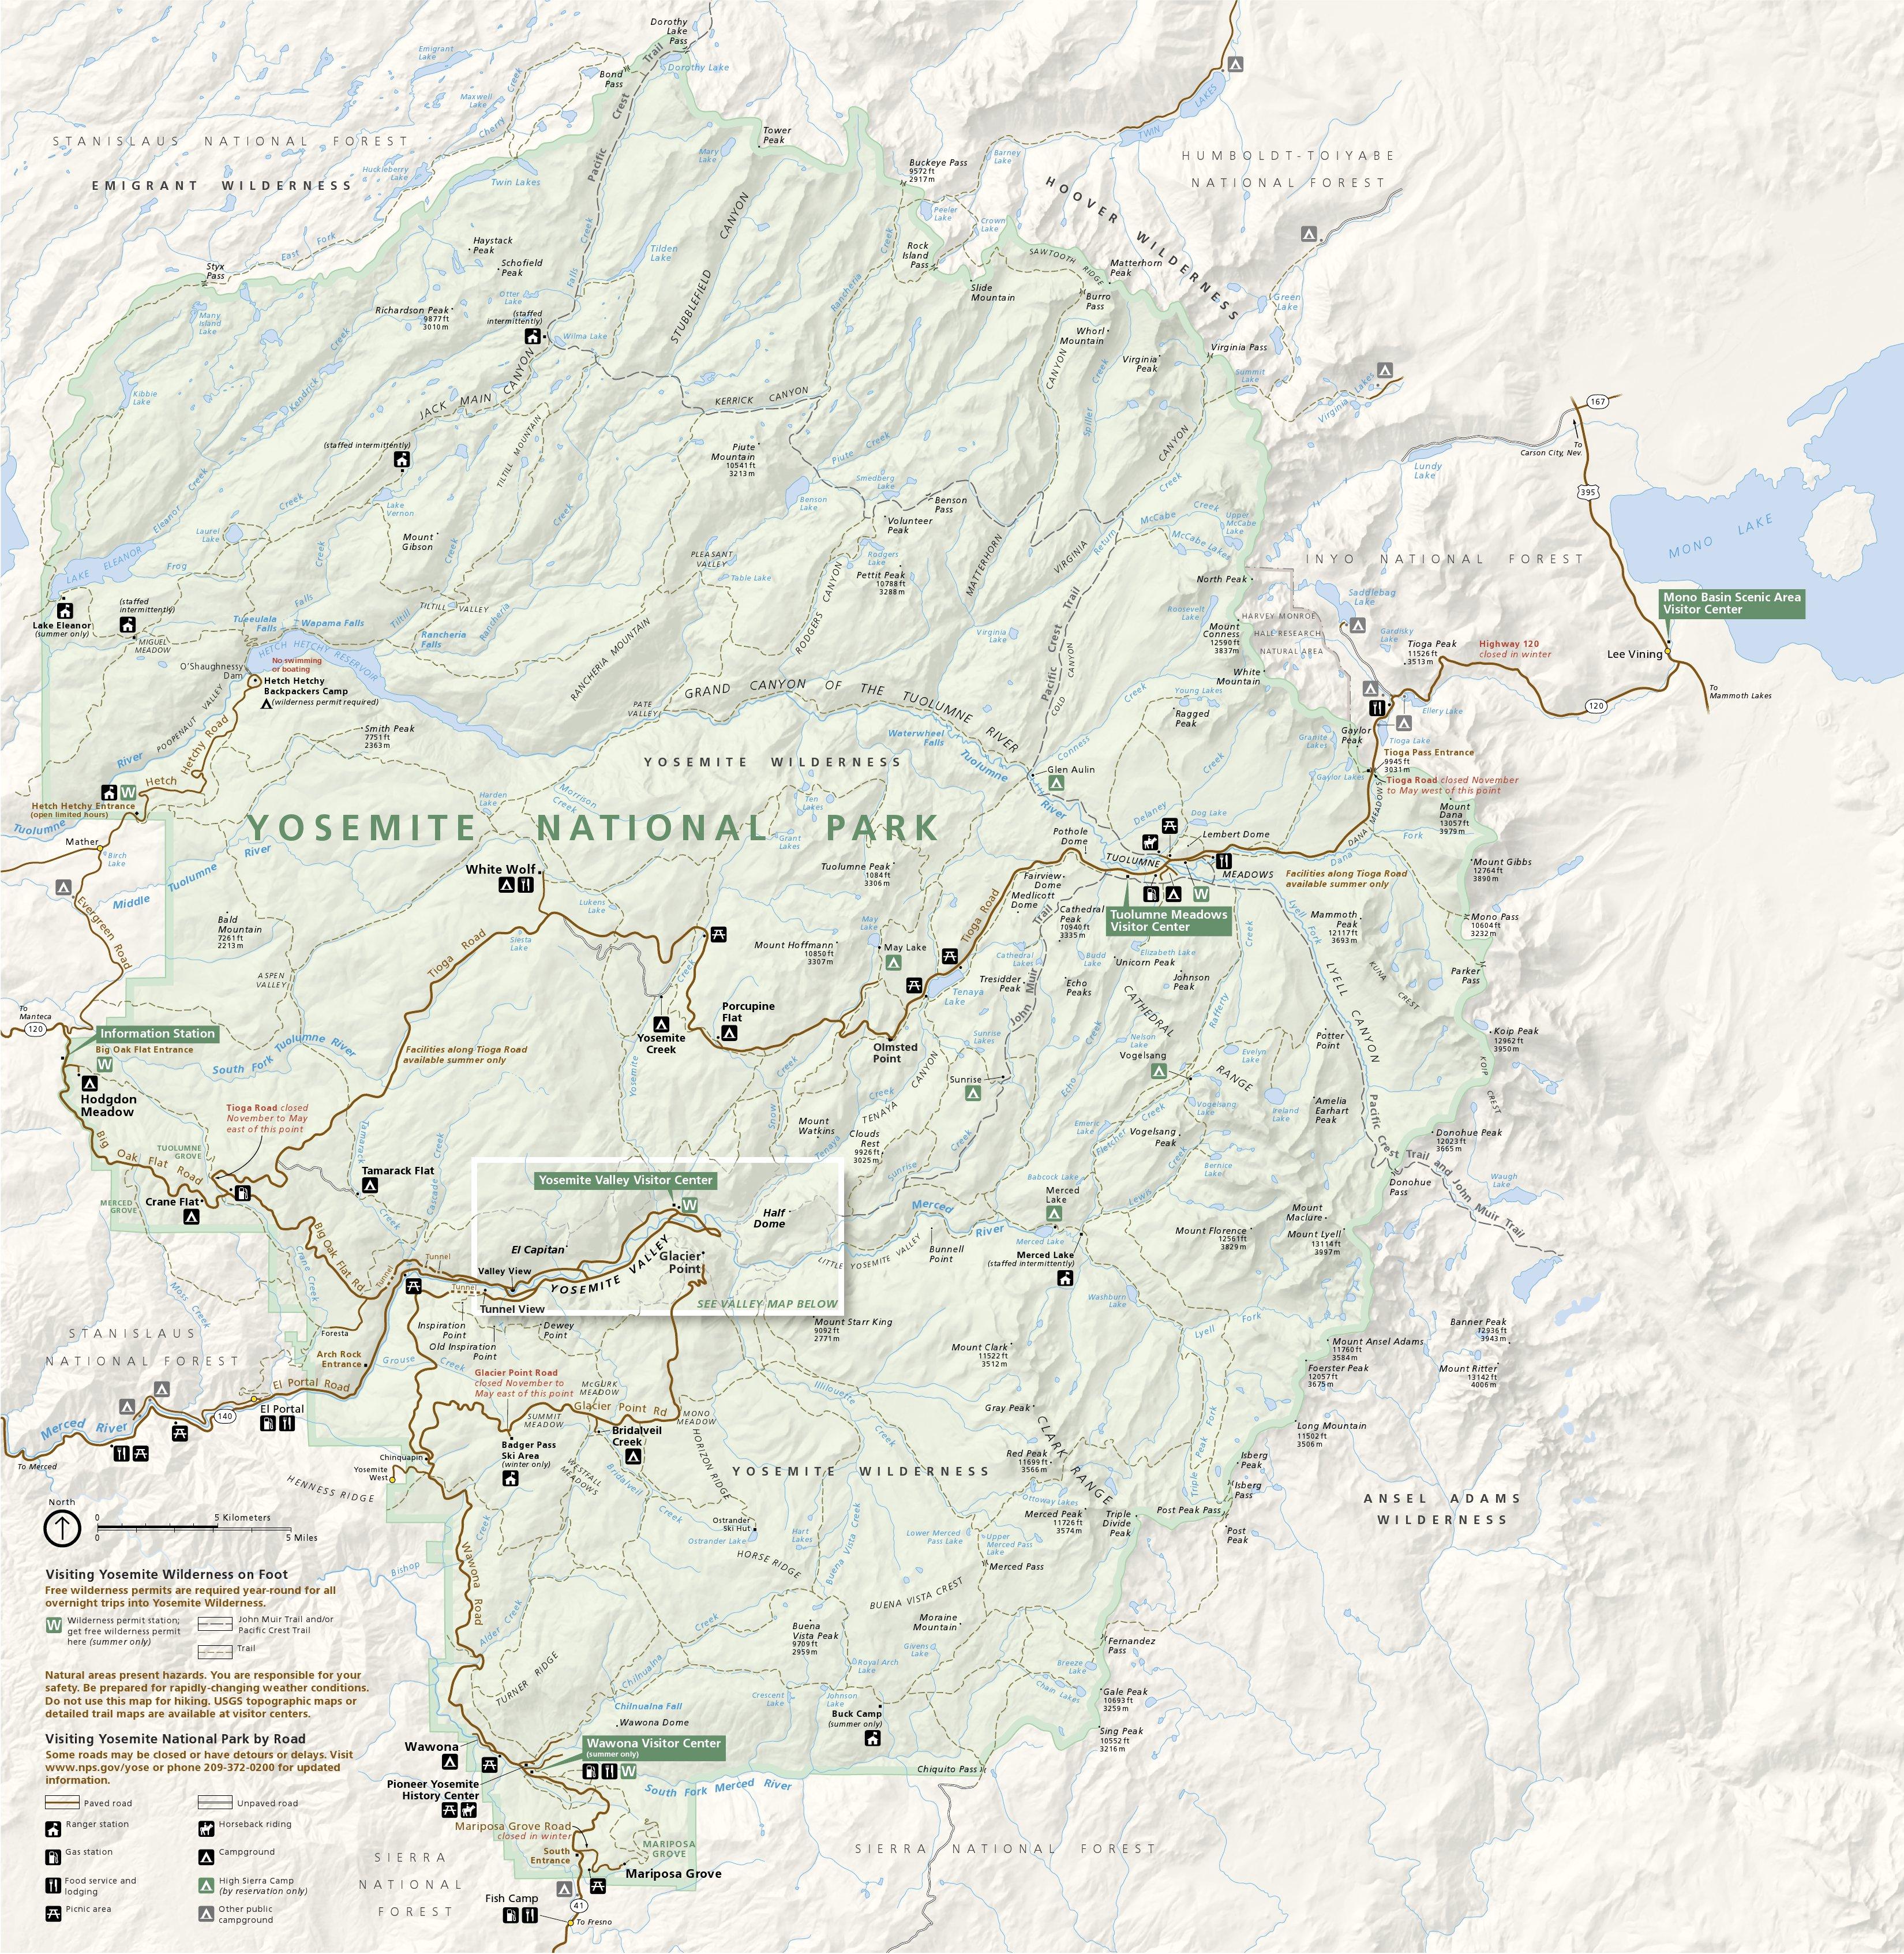 Yosemite Park Map Yosemite Maps | NPMaps.  just free maps, period. Yosemite Park Map